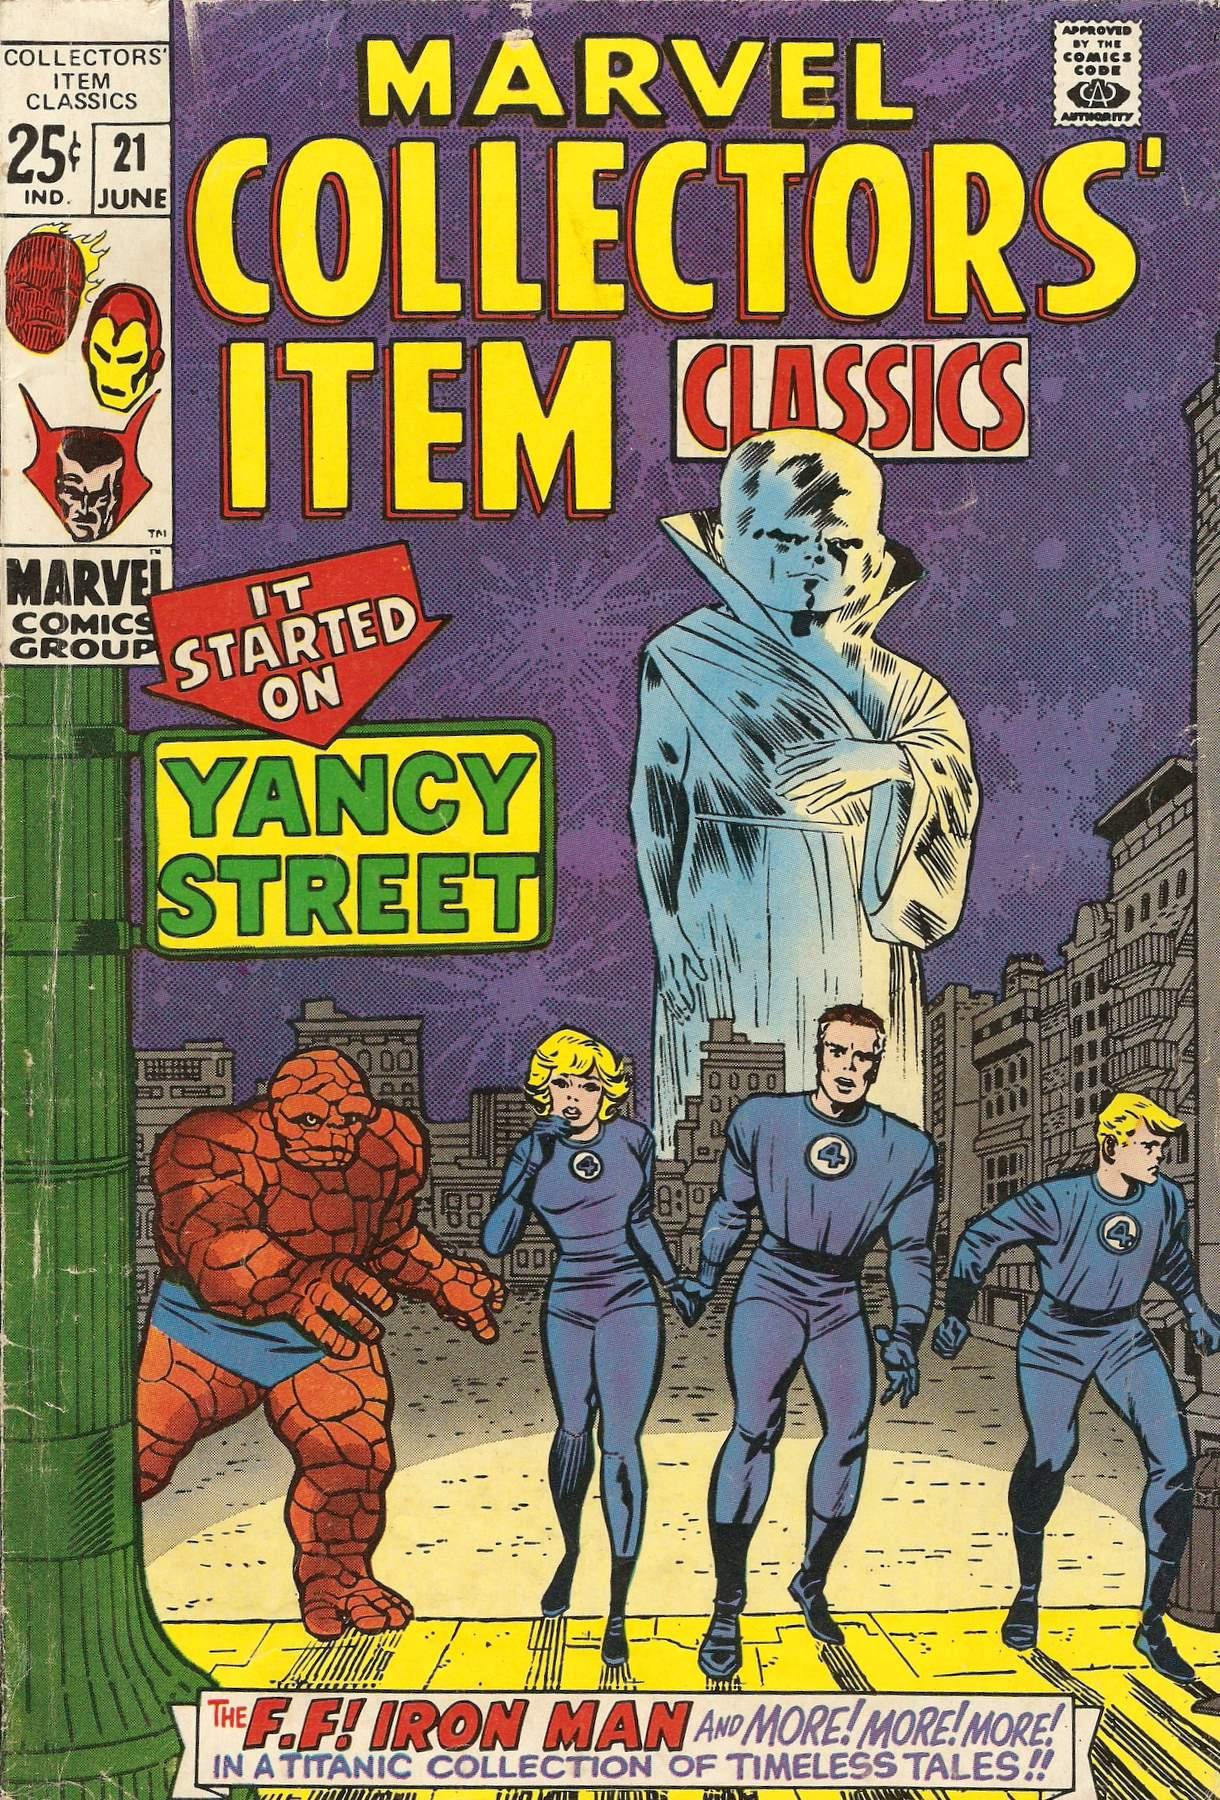 Marvel Collectors Item Classics 21 Page 1